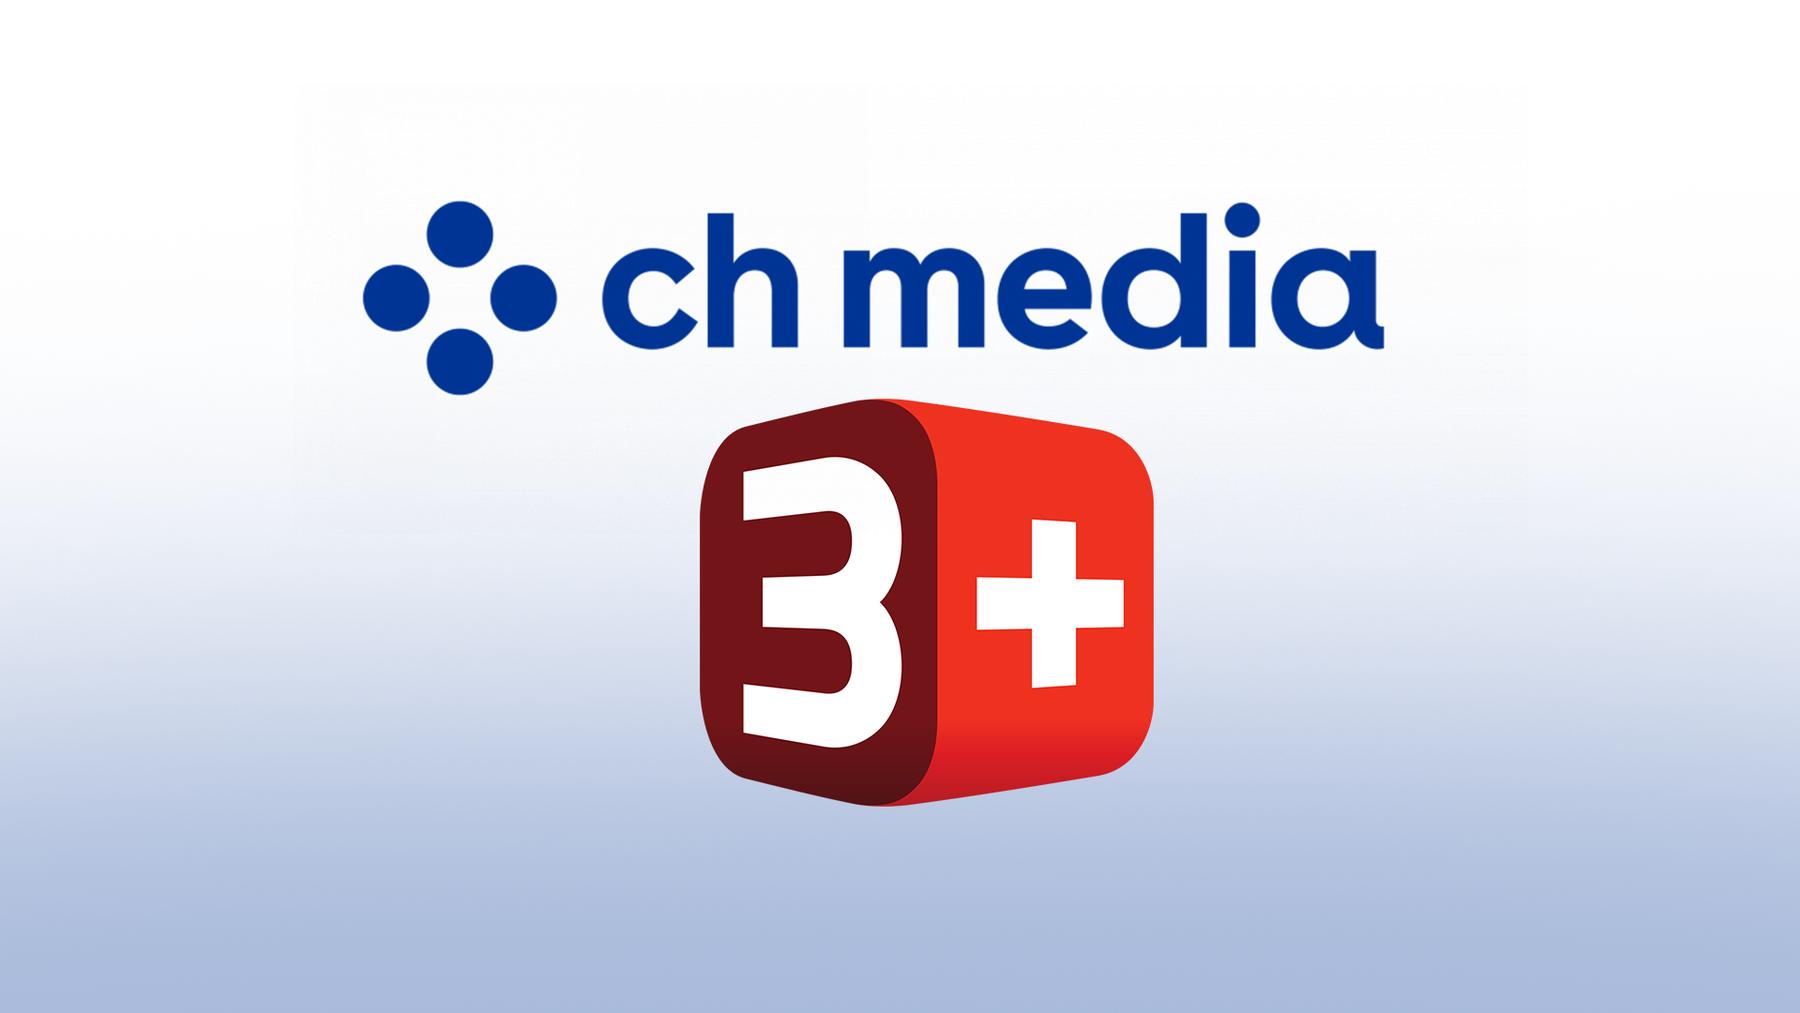 3+Chmedia[2]